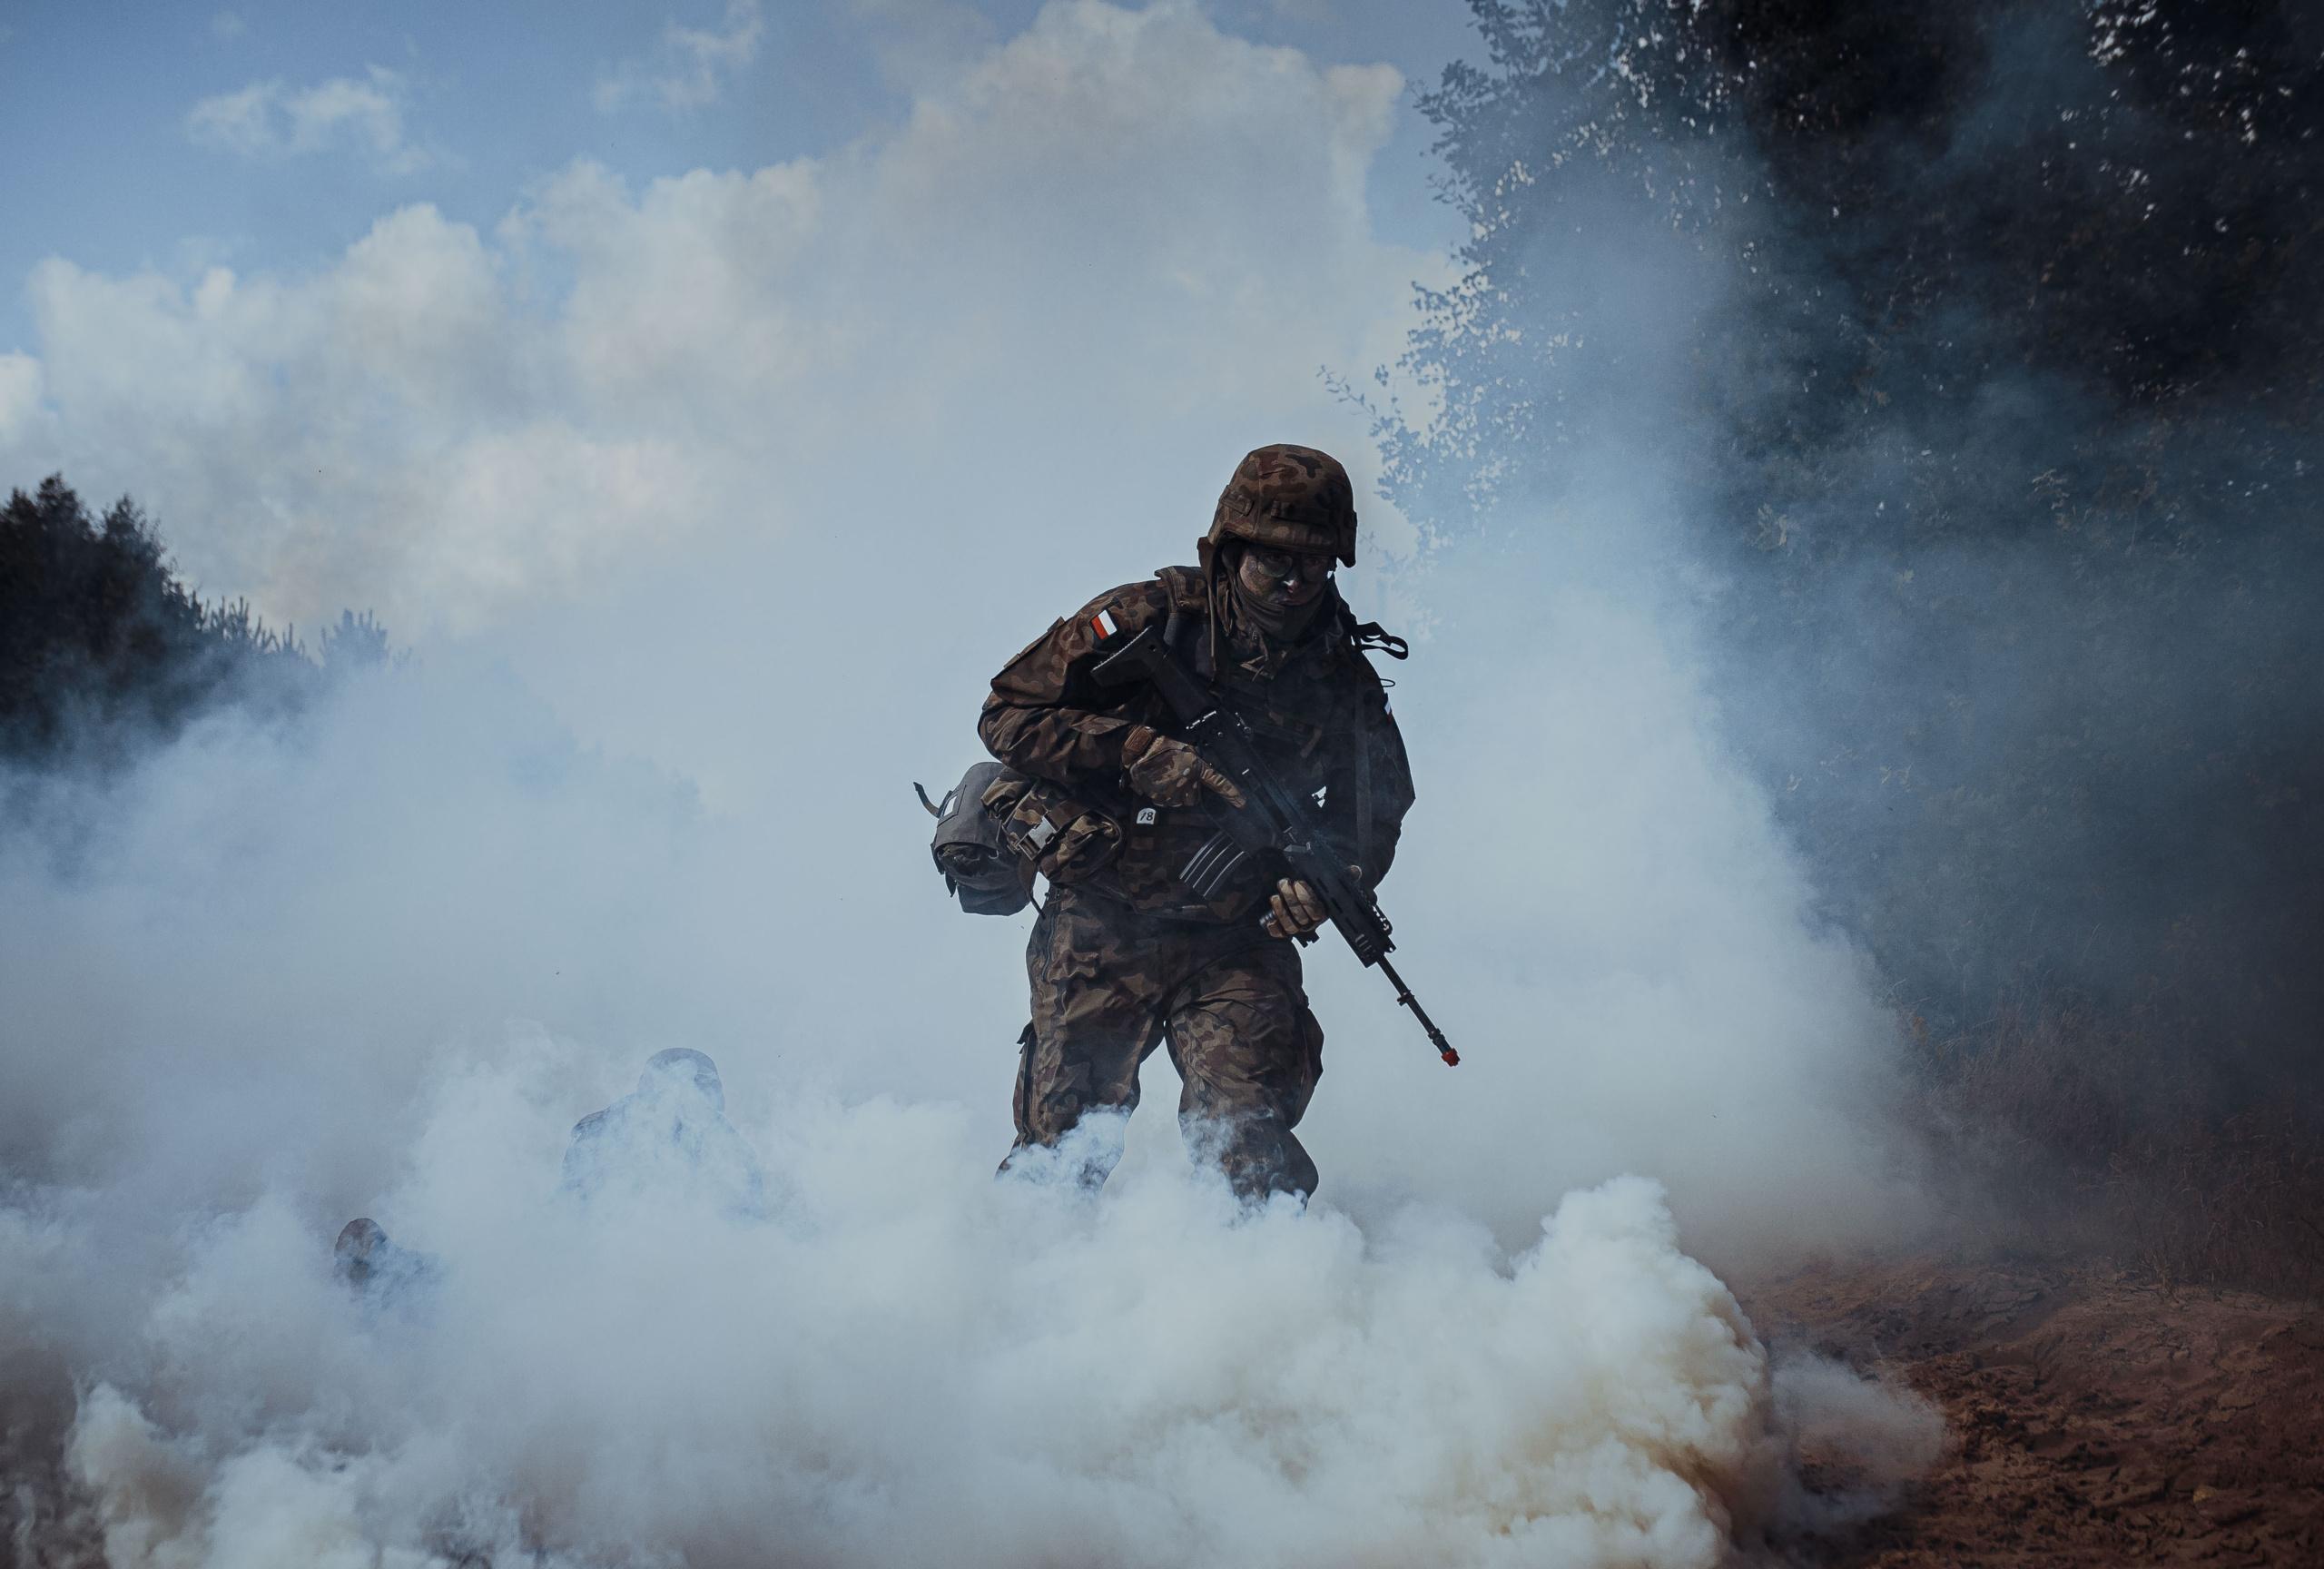 Ciągła rekrutacja do mazowieckich terytorialsów – zgłoś się już dziś na dodatkowe szkolenie w maju!